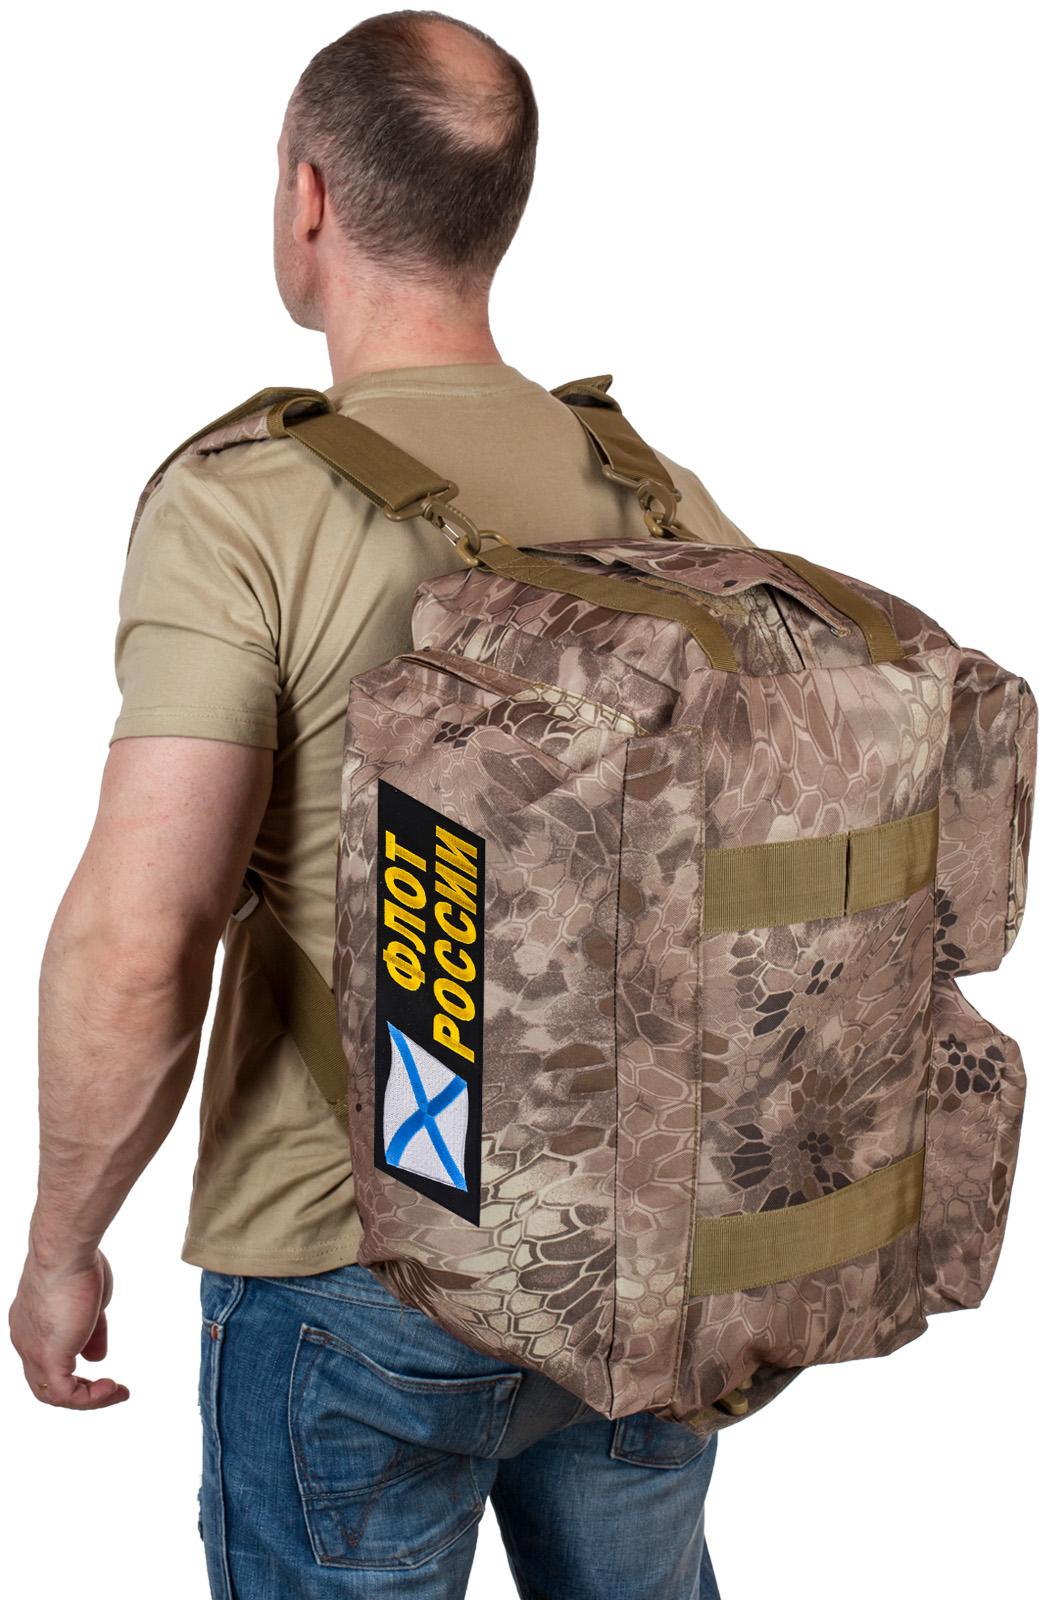 Купить походную тактическую сумку с нашивкой Флот России с доставкой в ваш город